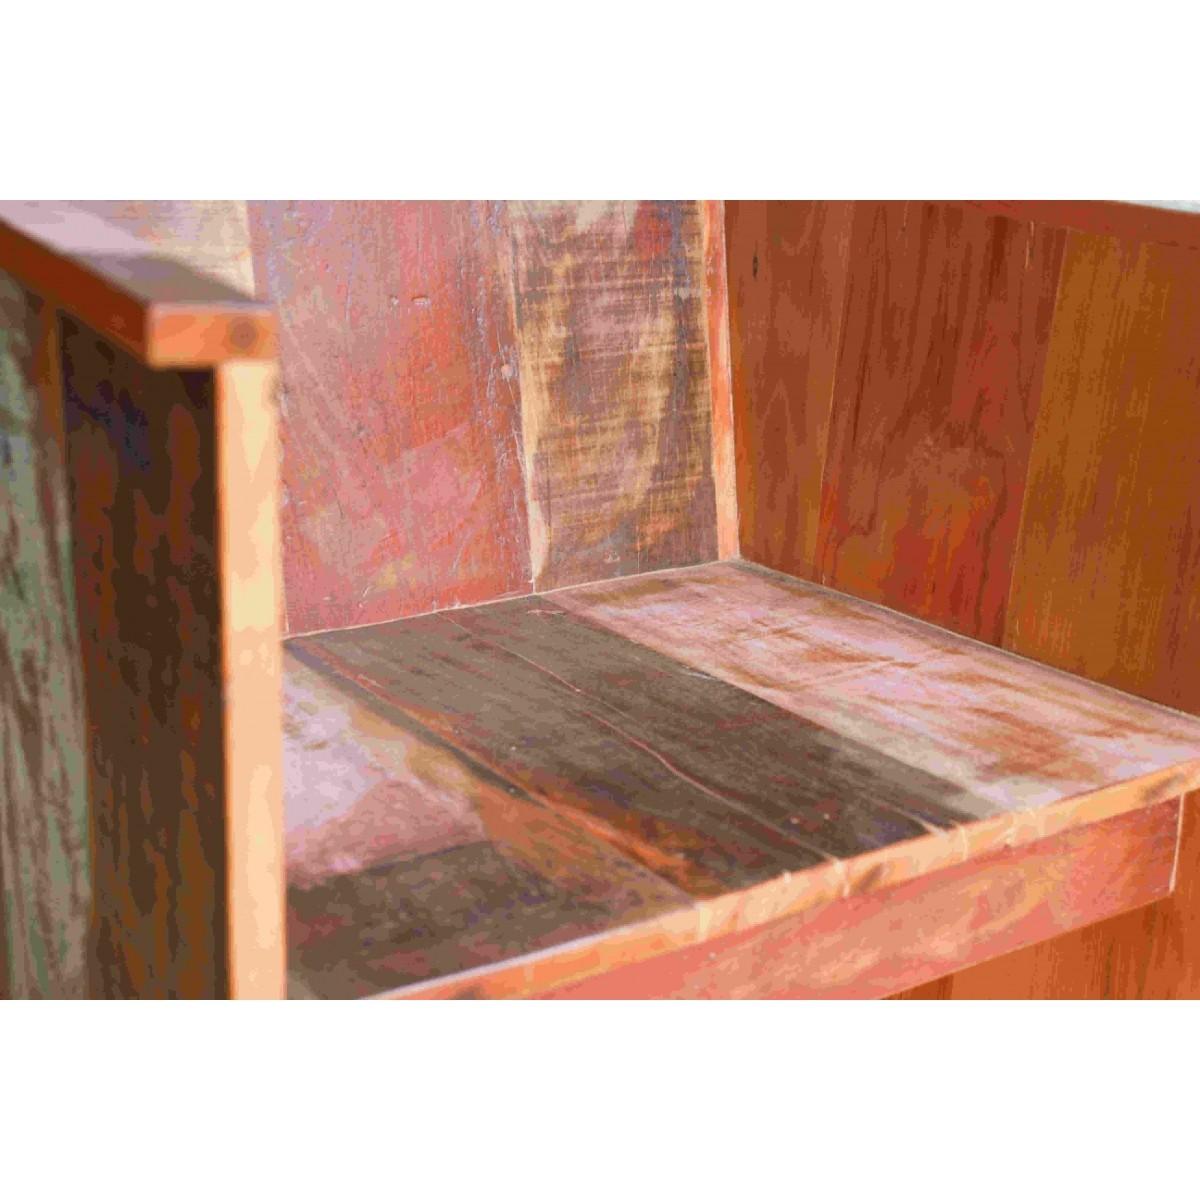 Poltrona Reta Em Madeira Maciça De Demolição Medindo 60x55x80